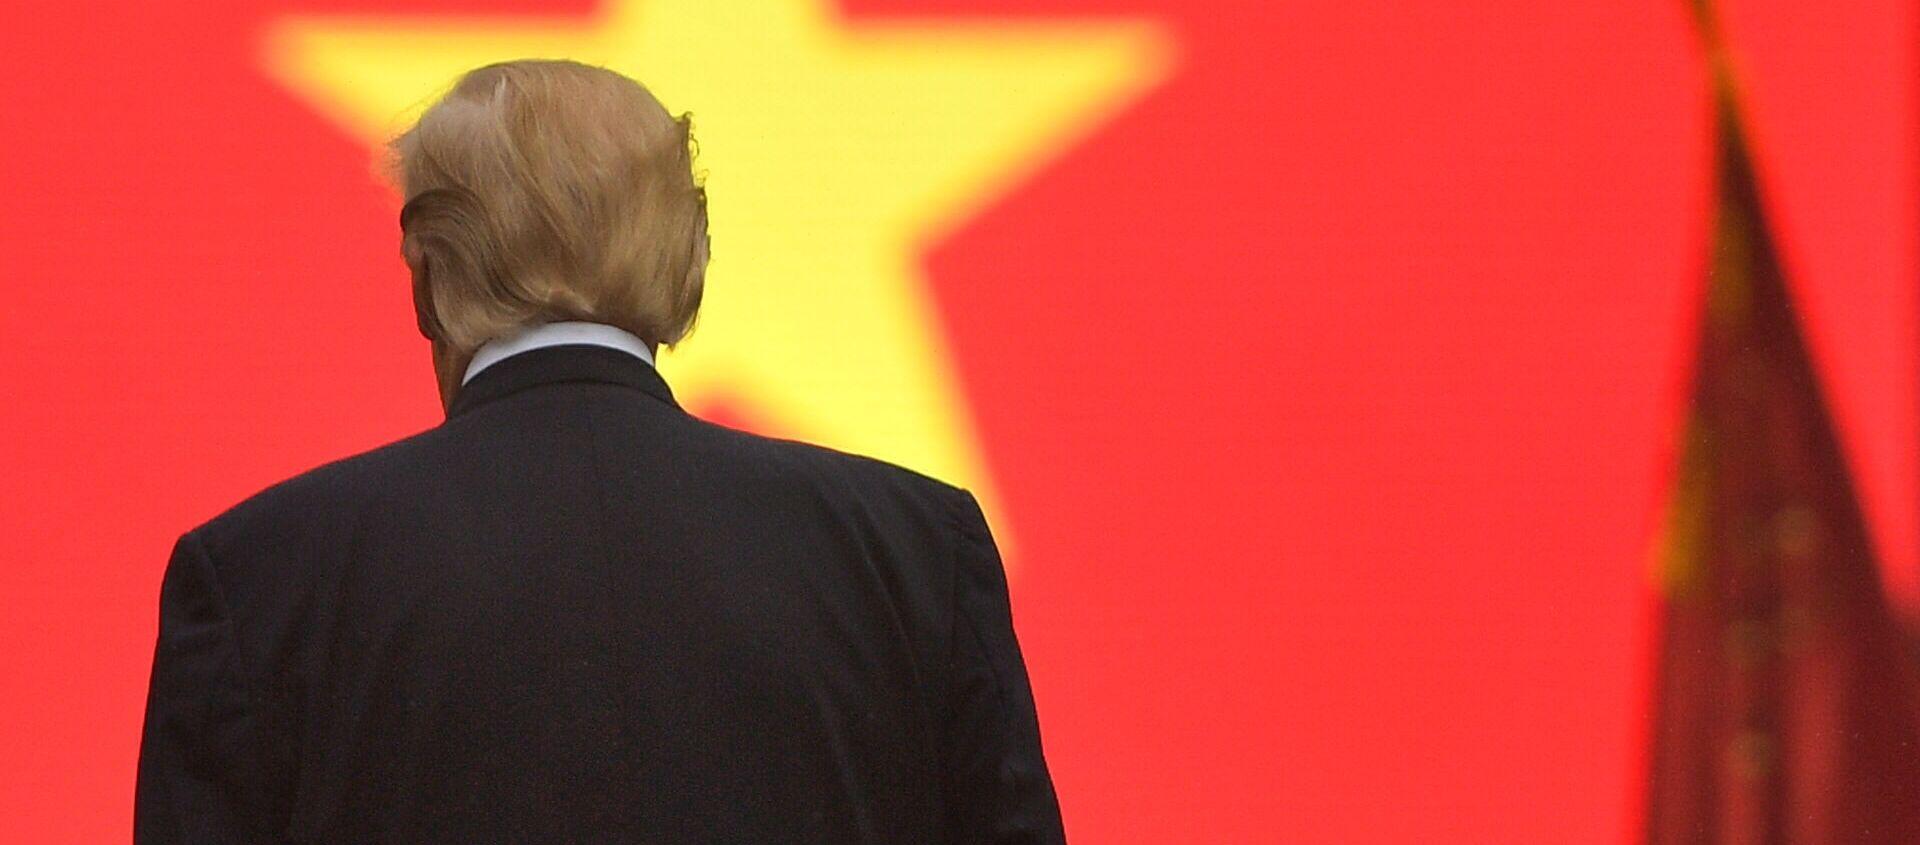 Tổng thống Mỹ Donald Trump trước quốc kỳ Việt Nam - Sputnik Việt Nam, 1920, 22.12.2020